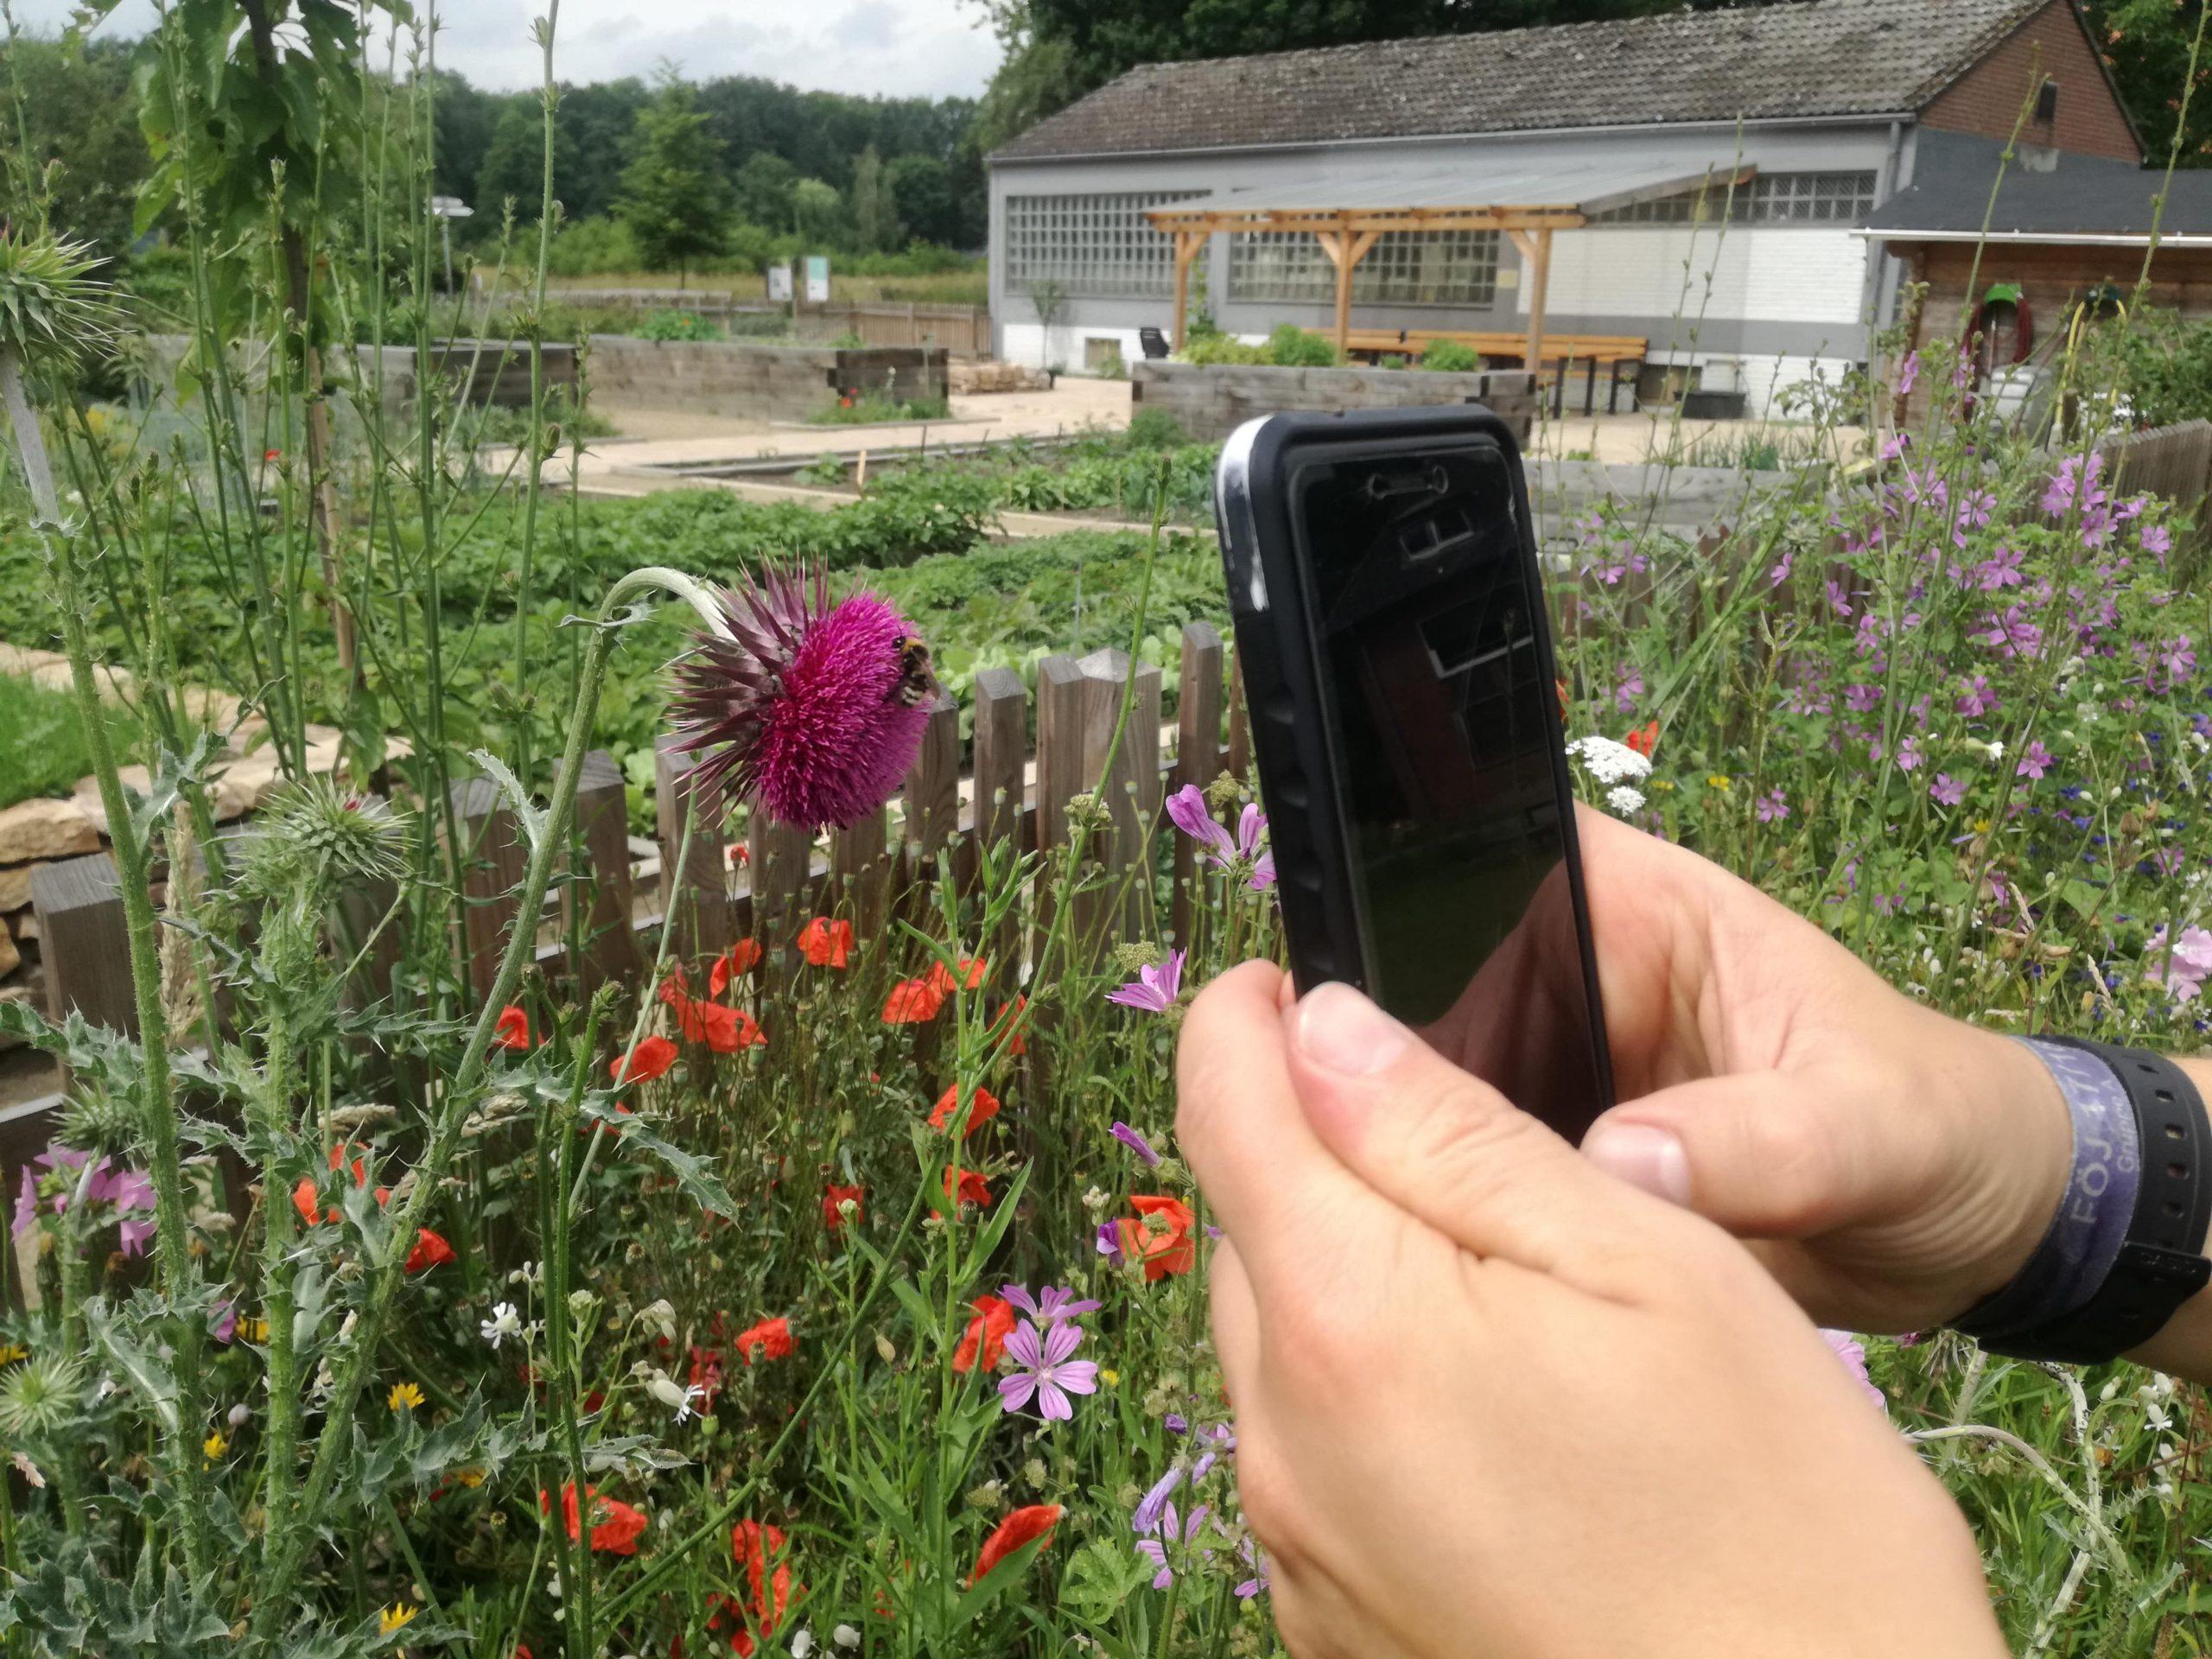 Mit dem Smartphone wird eine Hummel auf einer Blüte fotografiert